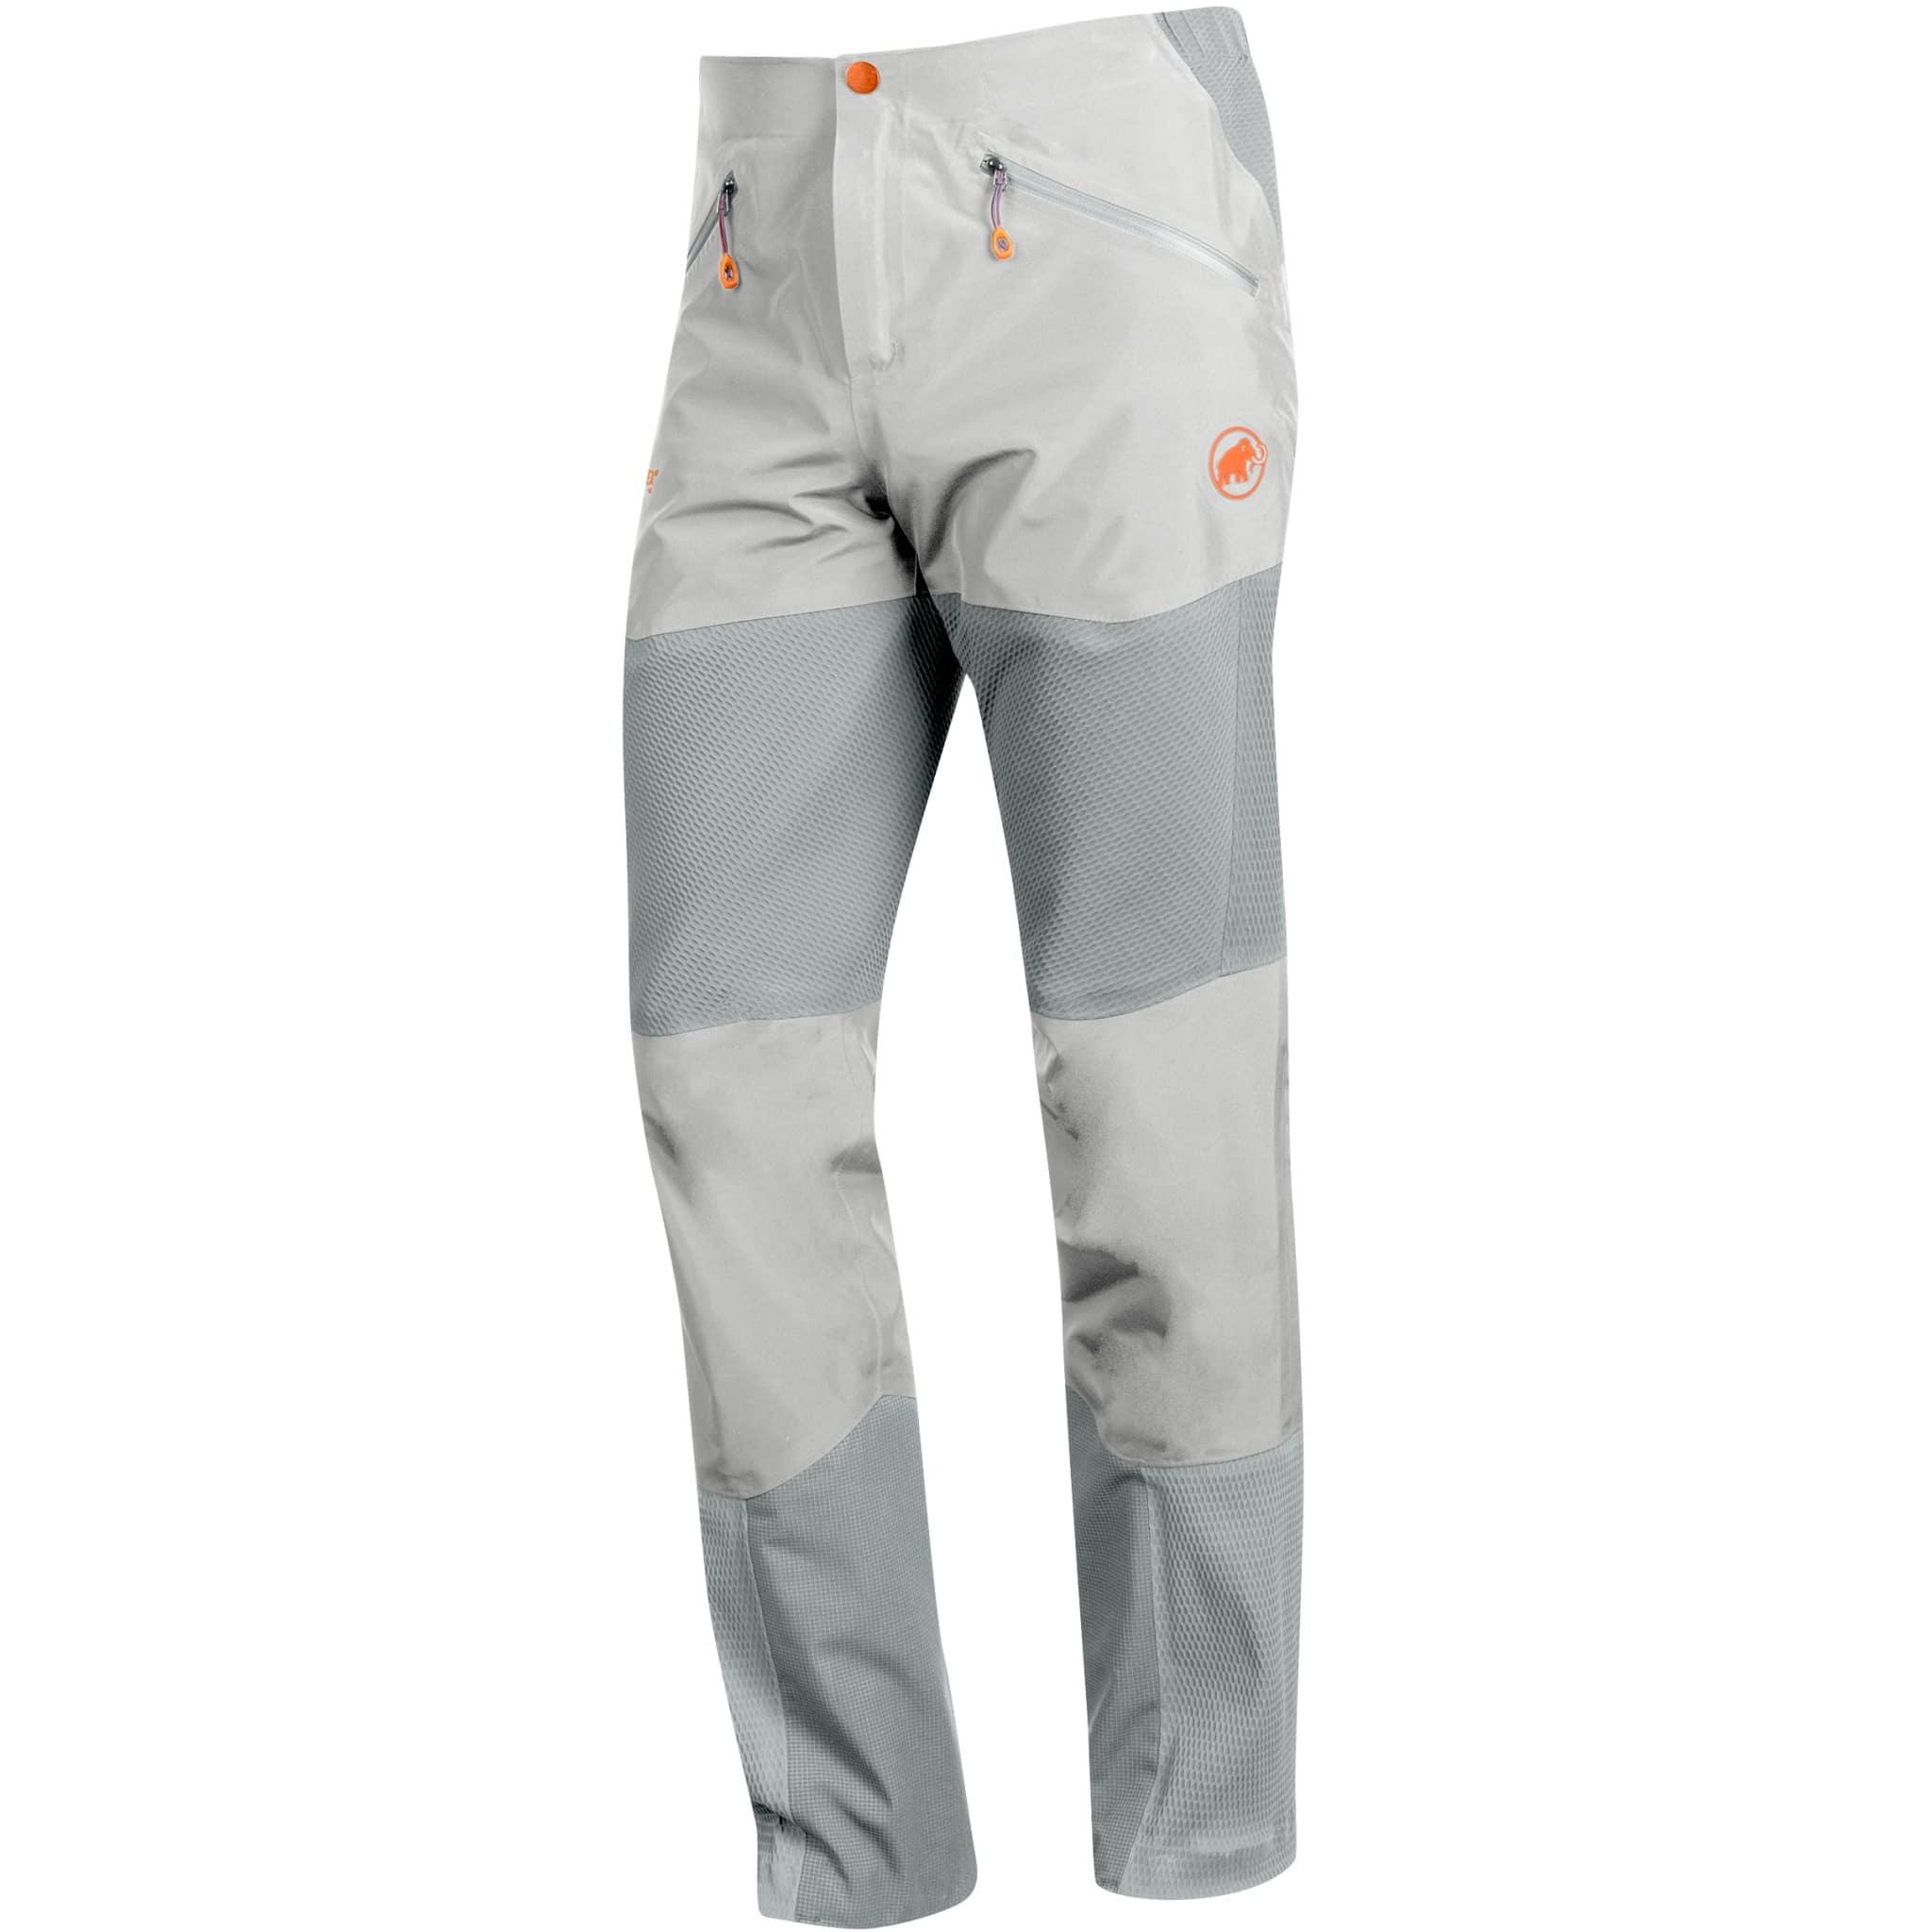 Superteknisk bukse for krevende terreng!